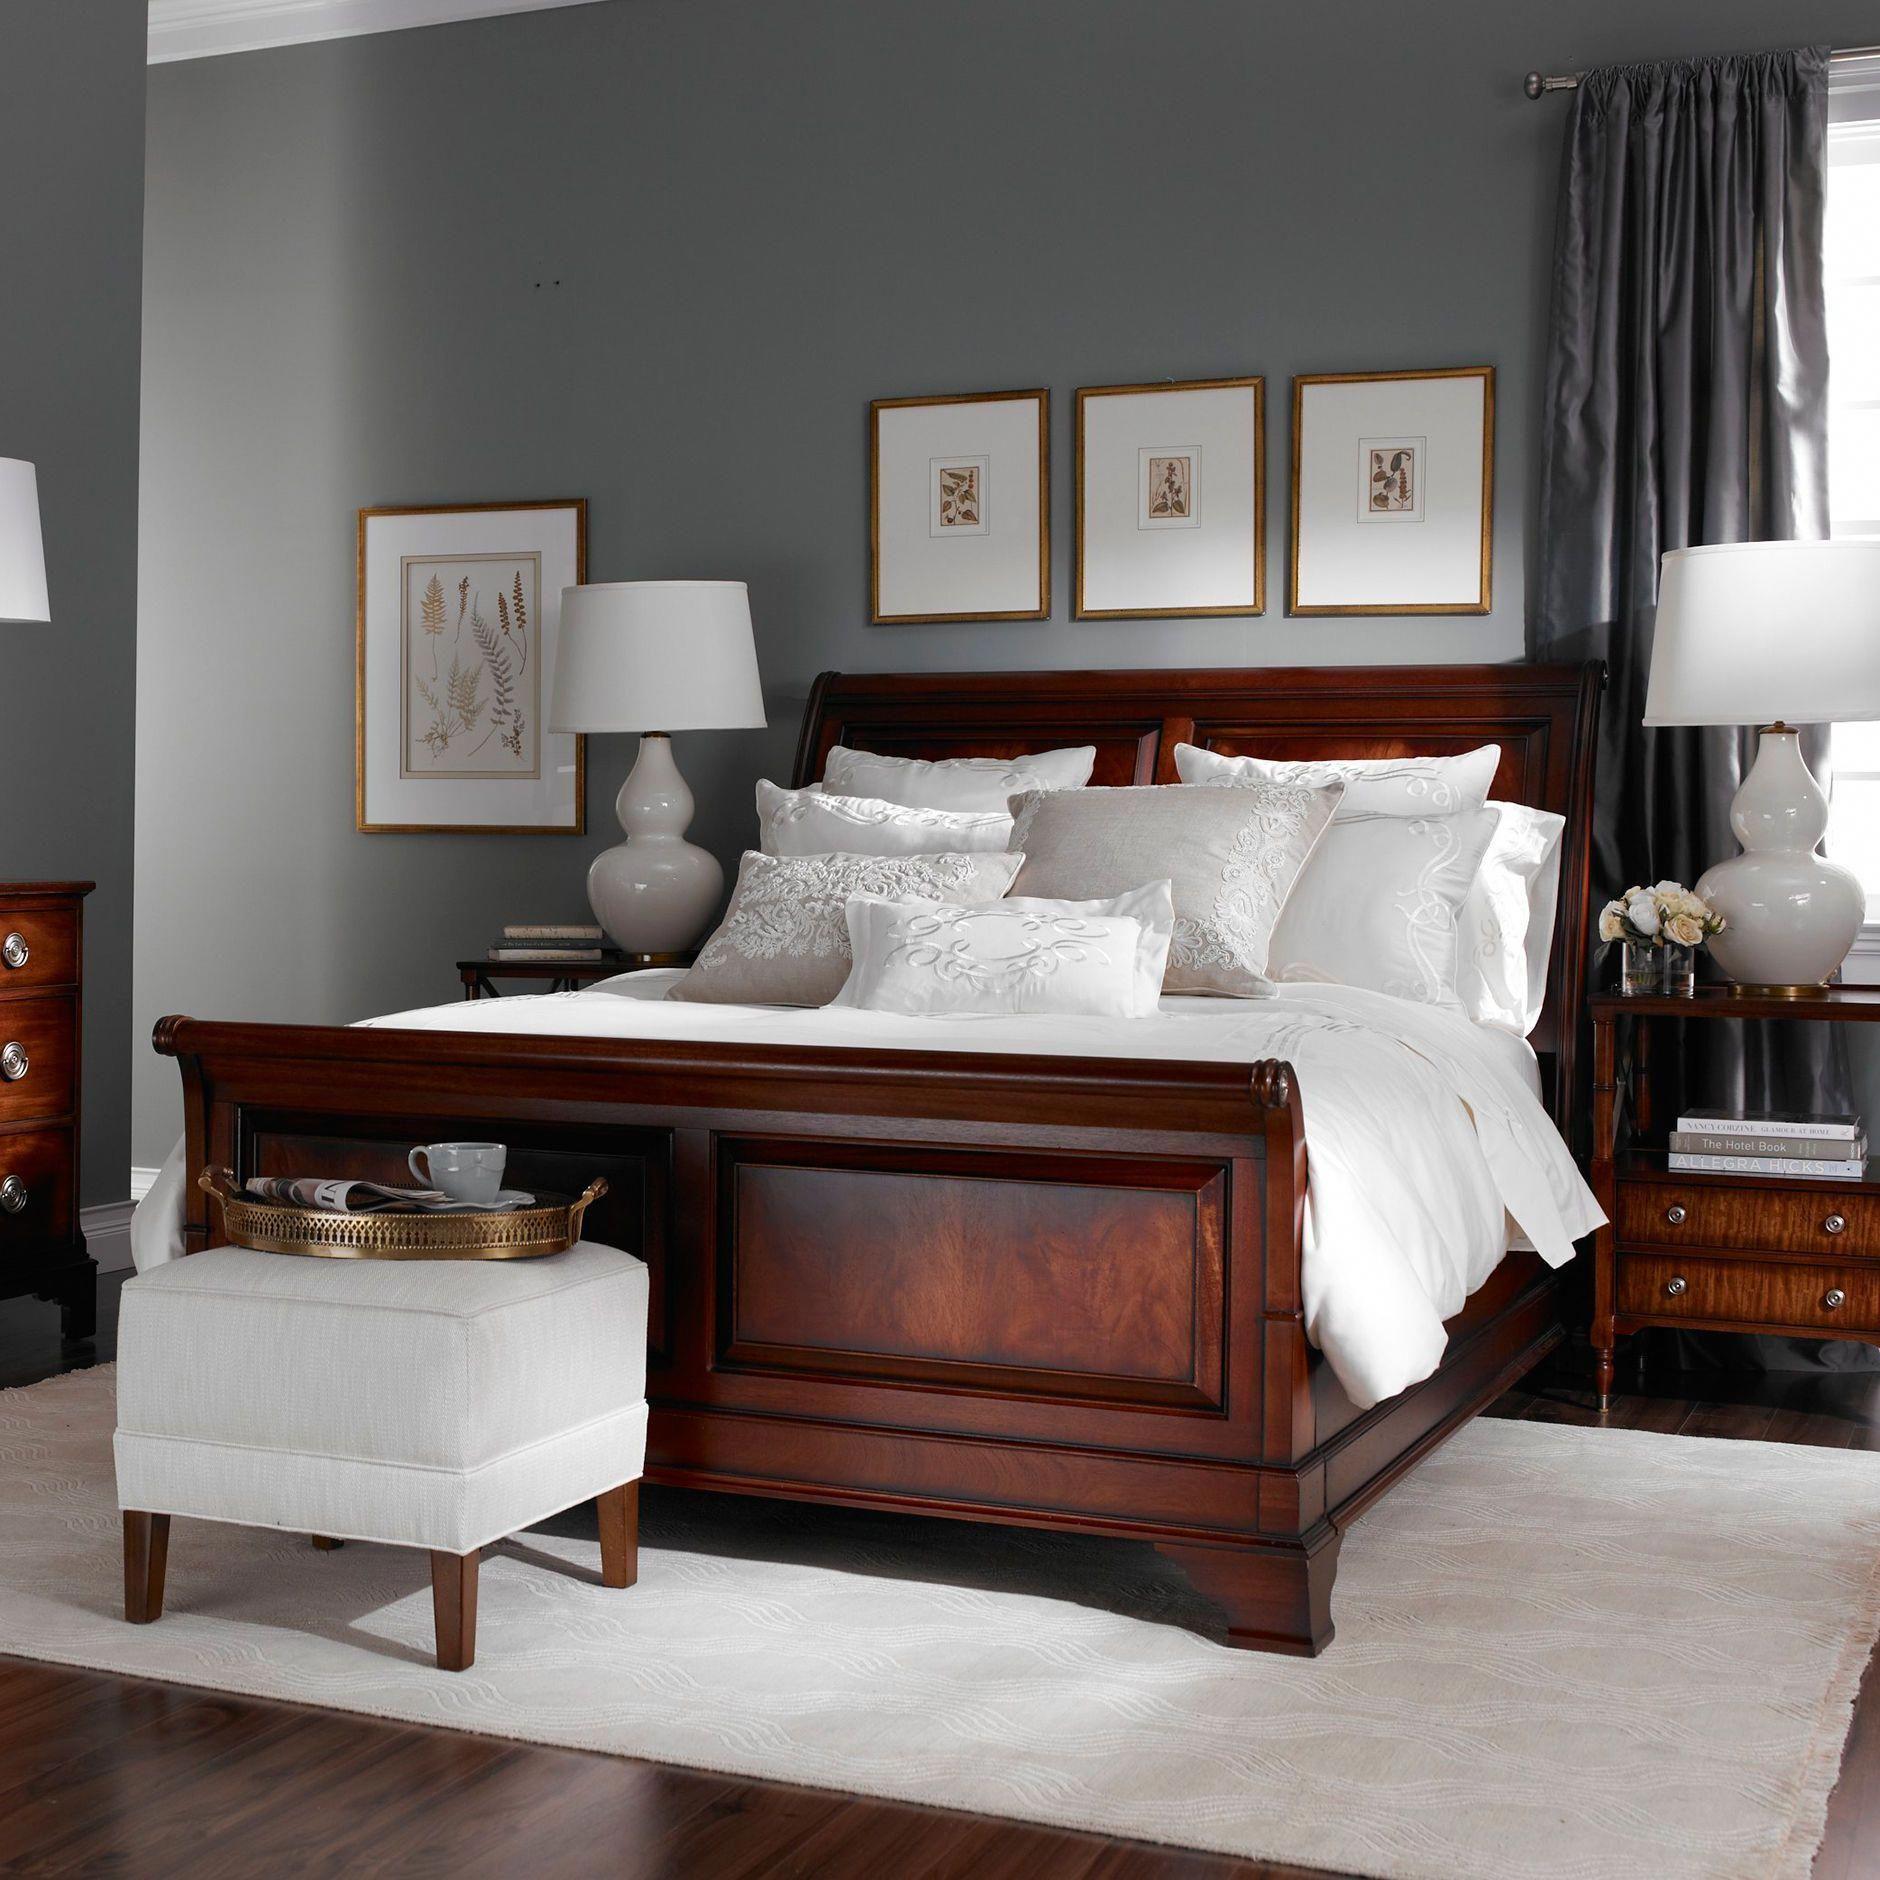 Somerset Sleigh Bed Newport Collection Brown Furniture Bedroom Dark Bedroom Furniture Dark Wood Bedroom Furniture